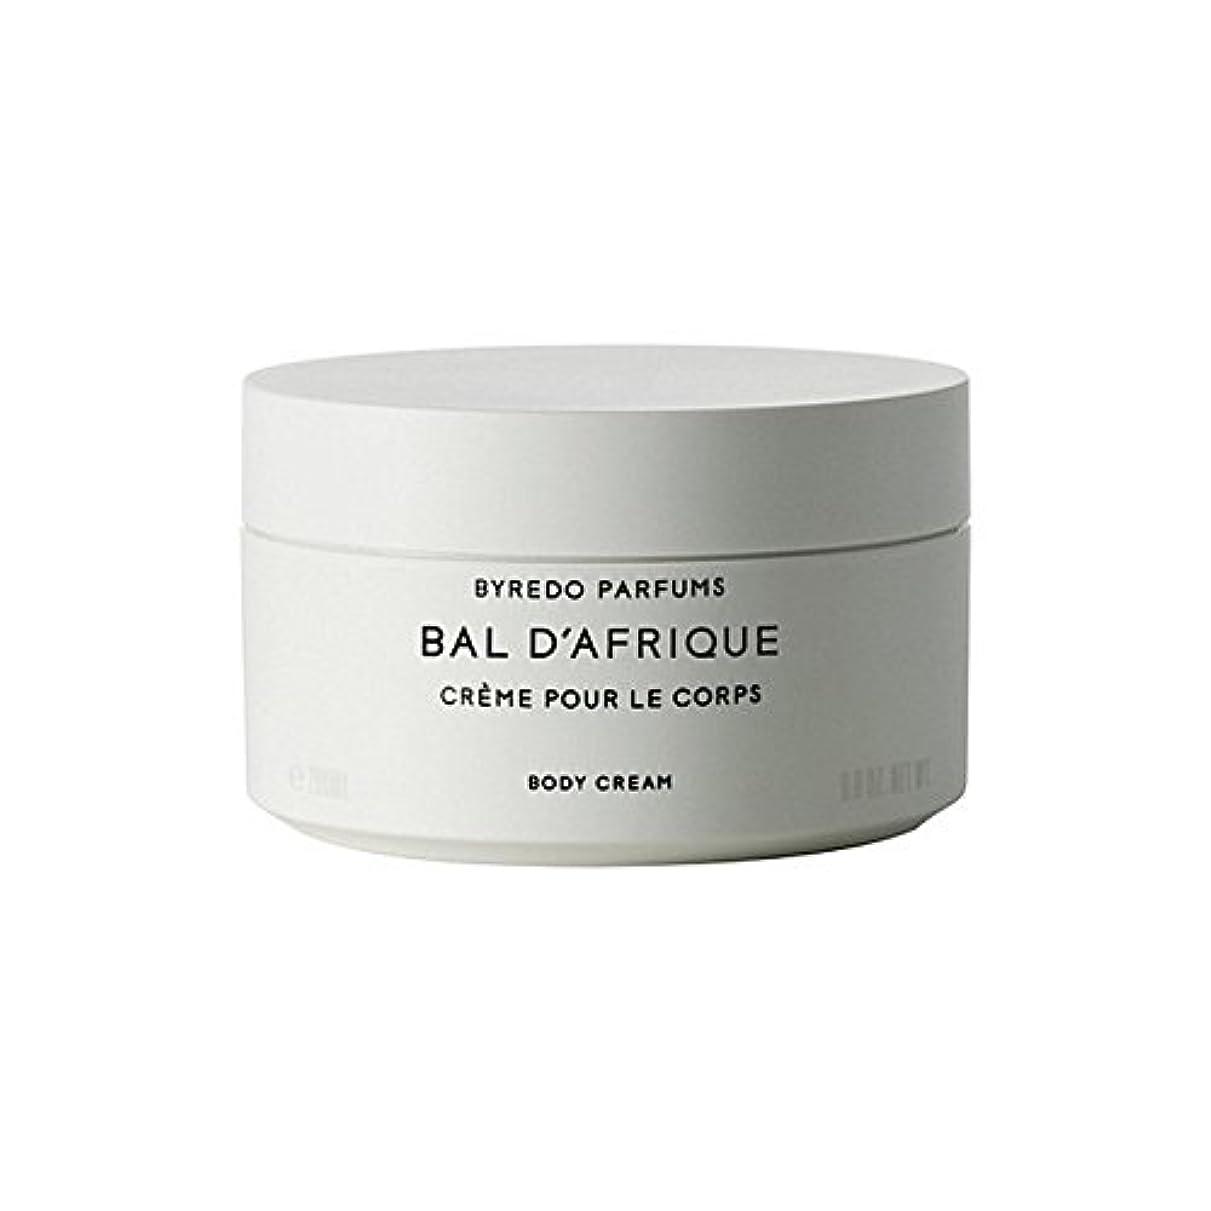 レキシコンリブ住所Byredo Bal D'Afrique Body Cream 200ml - 'のボディクリーム200ミリリットル [並行輸入品]